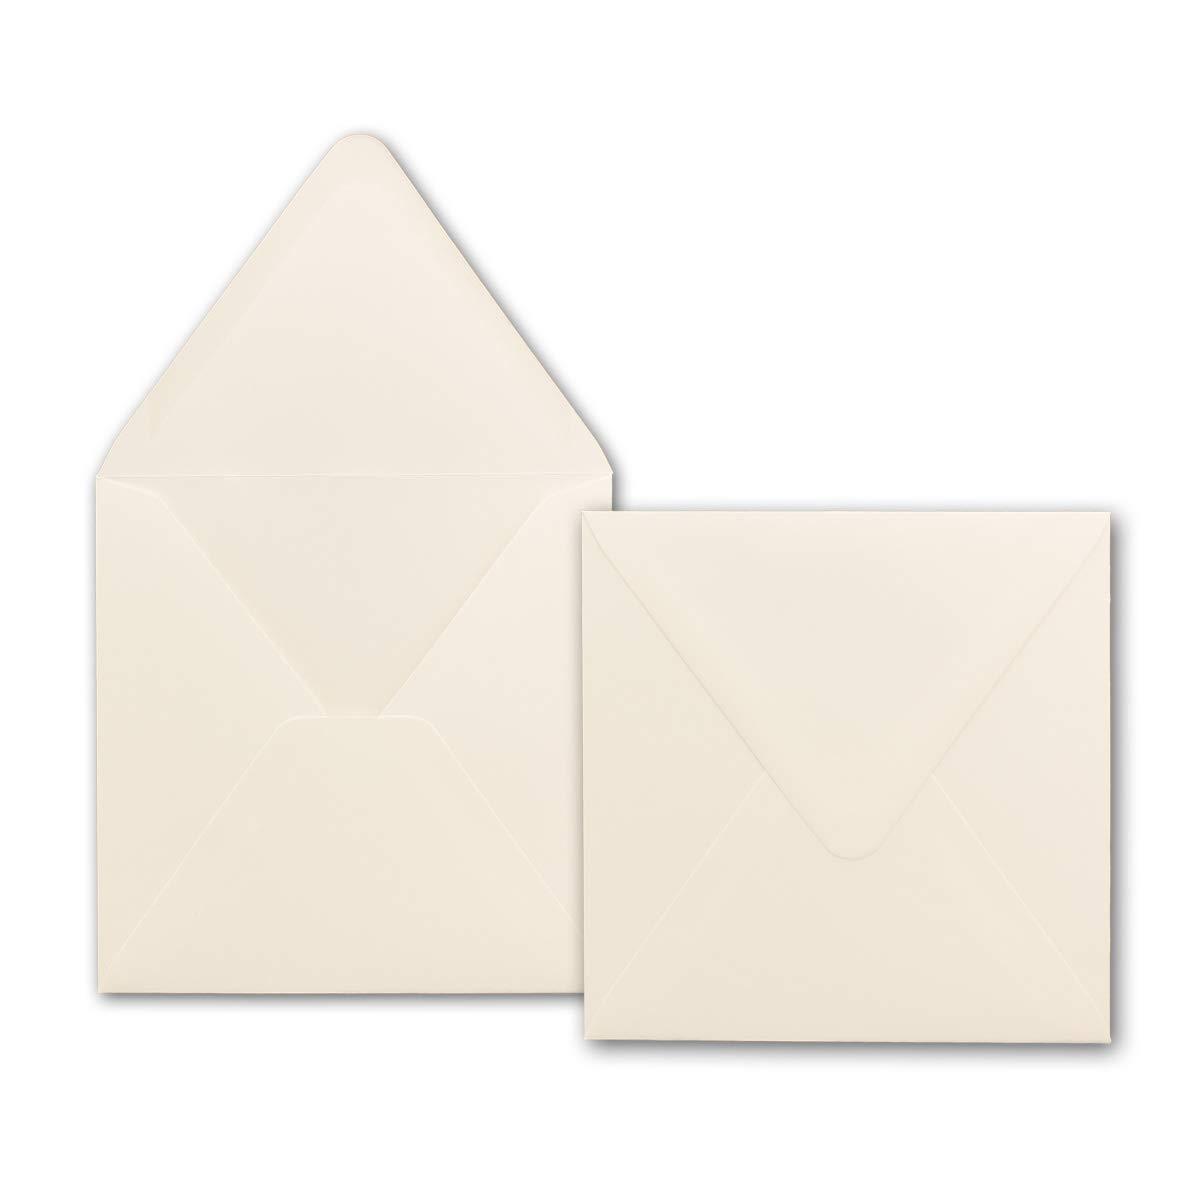 400x quadratische Brief-Umschläge 150 x 150 mm - Creme-Weiß - 120 g m²   Für ganz besondere Anlässe  - Nassklebung - Qualitätsmarke  GUSTAV NEUSER B076CM2LLS | Bevorzugtes Material  | Starke Hitze- und Hitzebeständigkeit